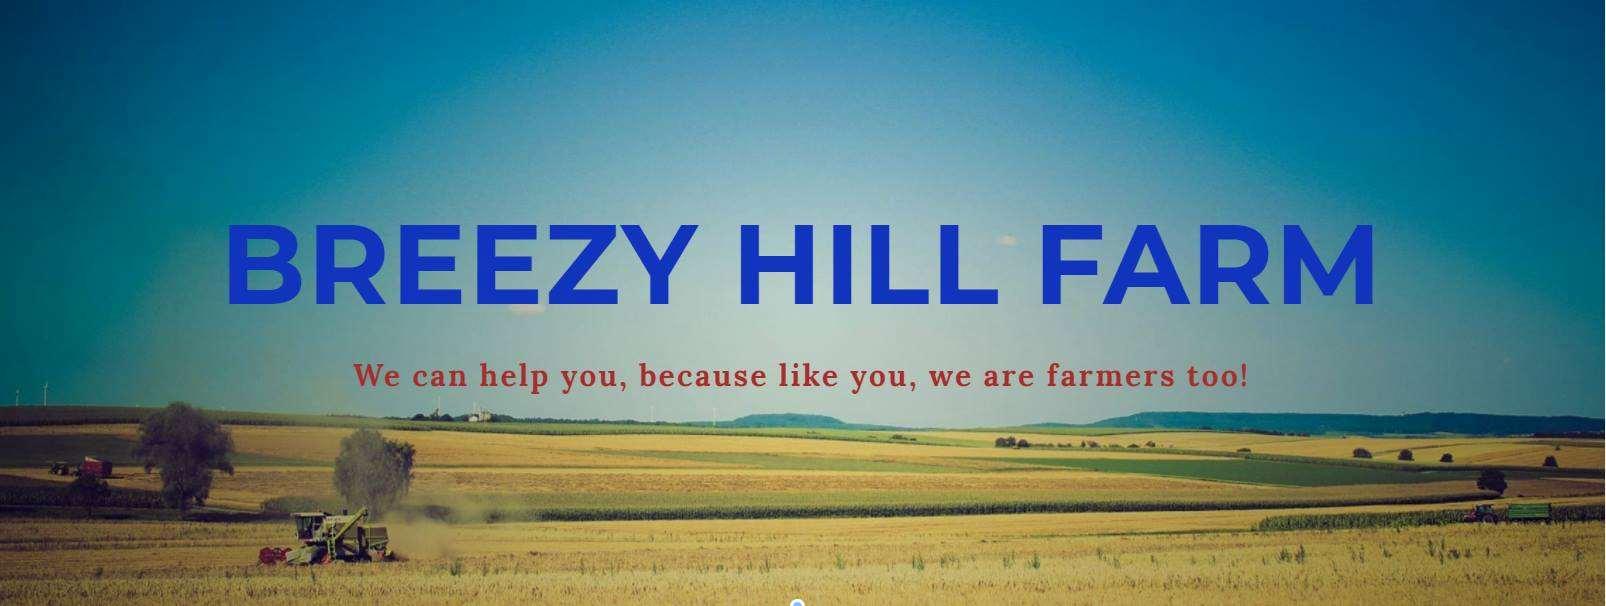 Breezy Hill Farm Feed & Supply